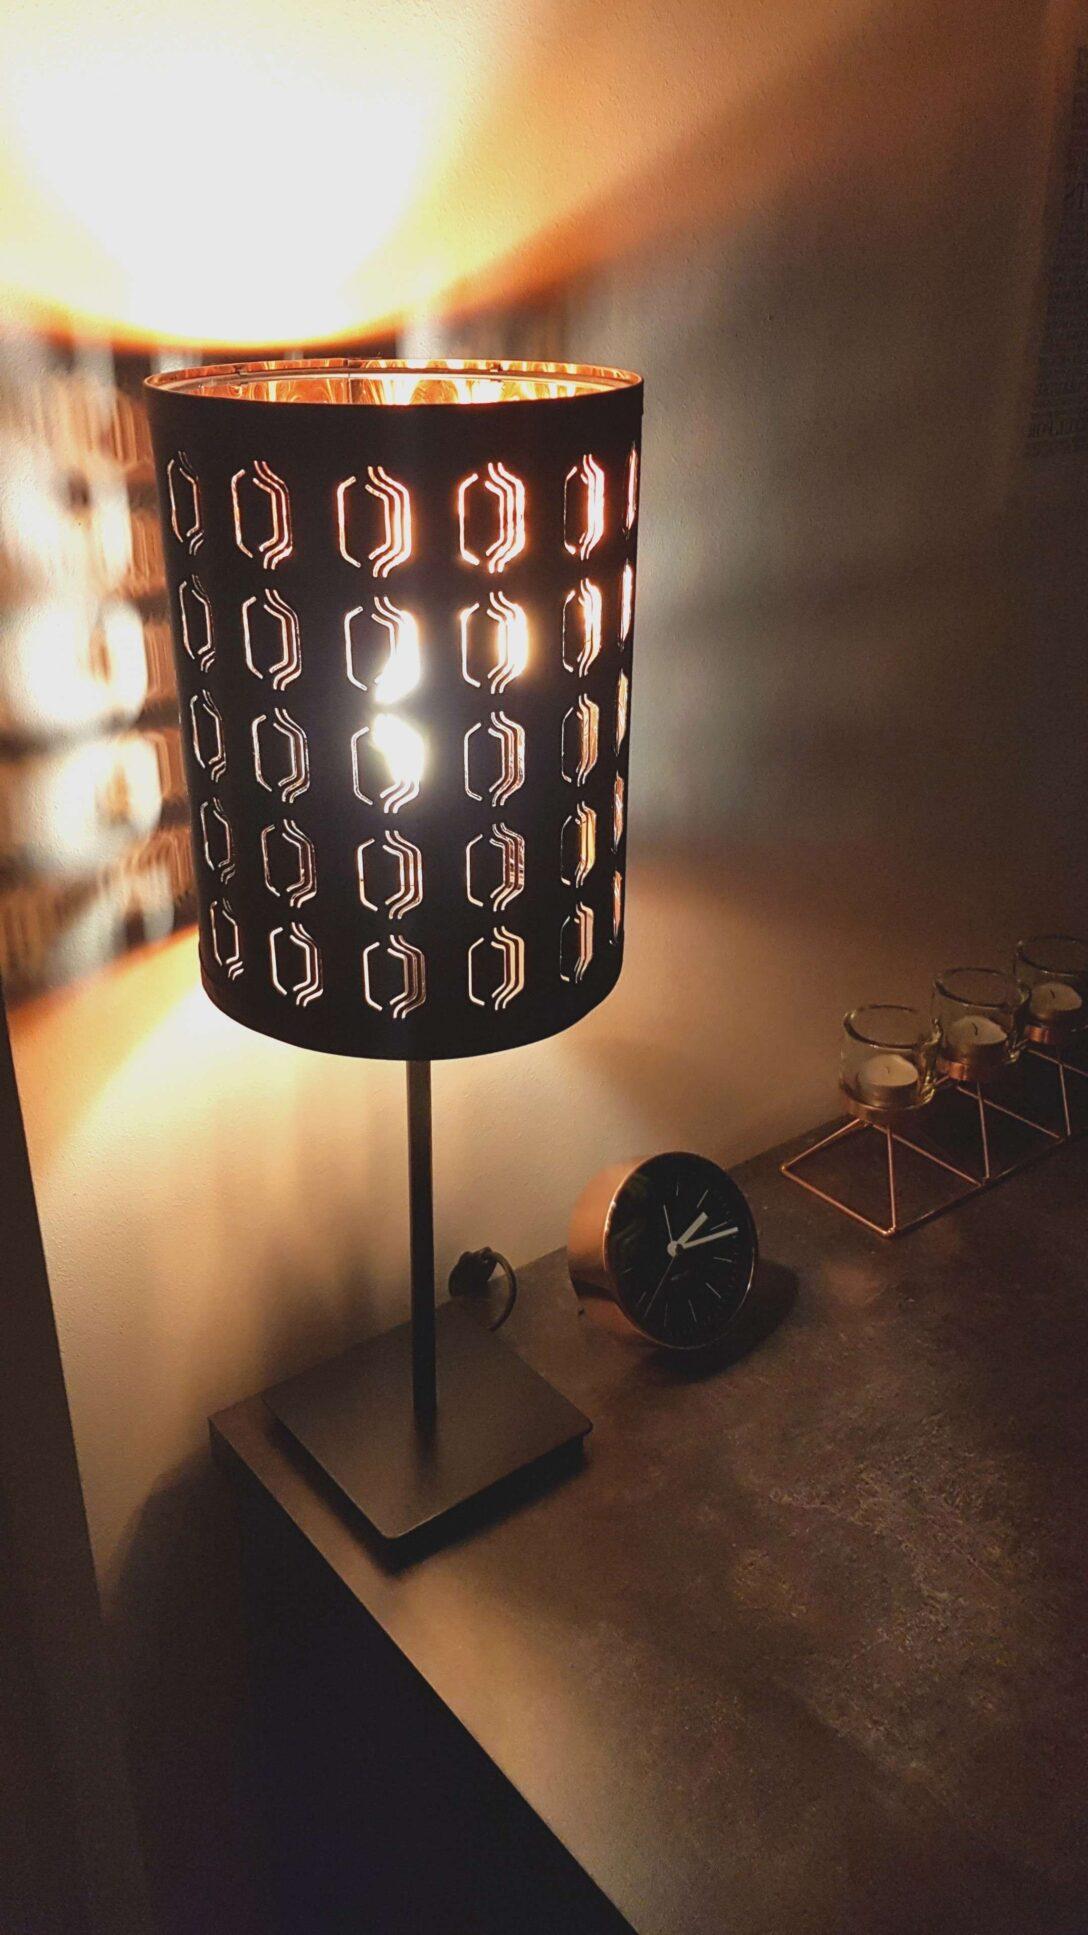 Large Size of Lampen Wohnzimmer Decke Ikea 11 Lampe Elegant Schrankwand Deckenleuchten Led Deckenleuchte Deckenlampen Für Küche Modern Kaufen Decken Kamin Modulküche Wohnzimmer Lampen Wohnzimmer Decke Ikea